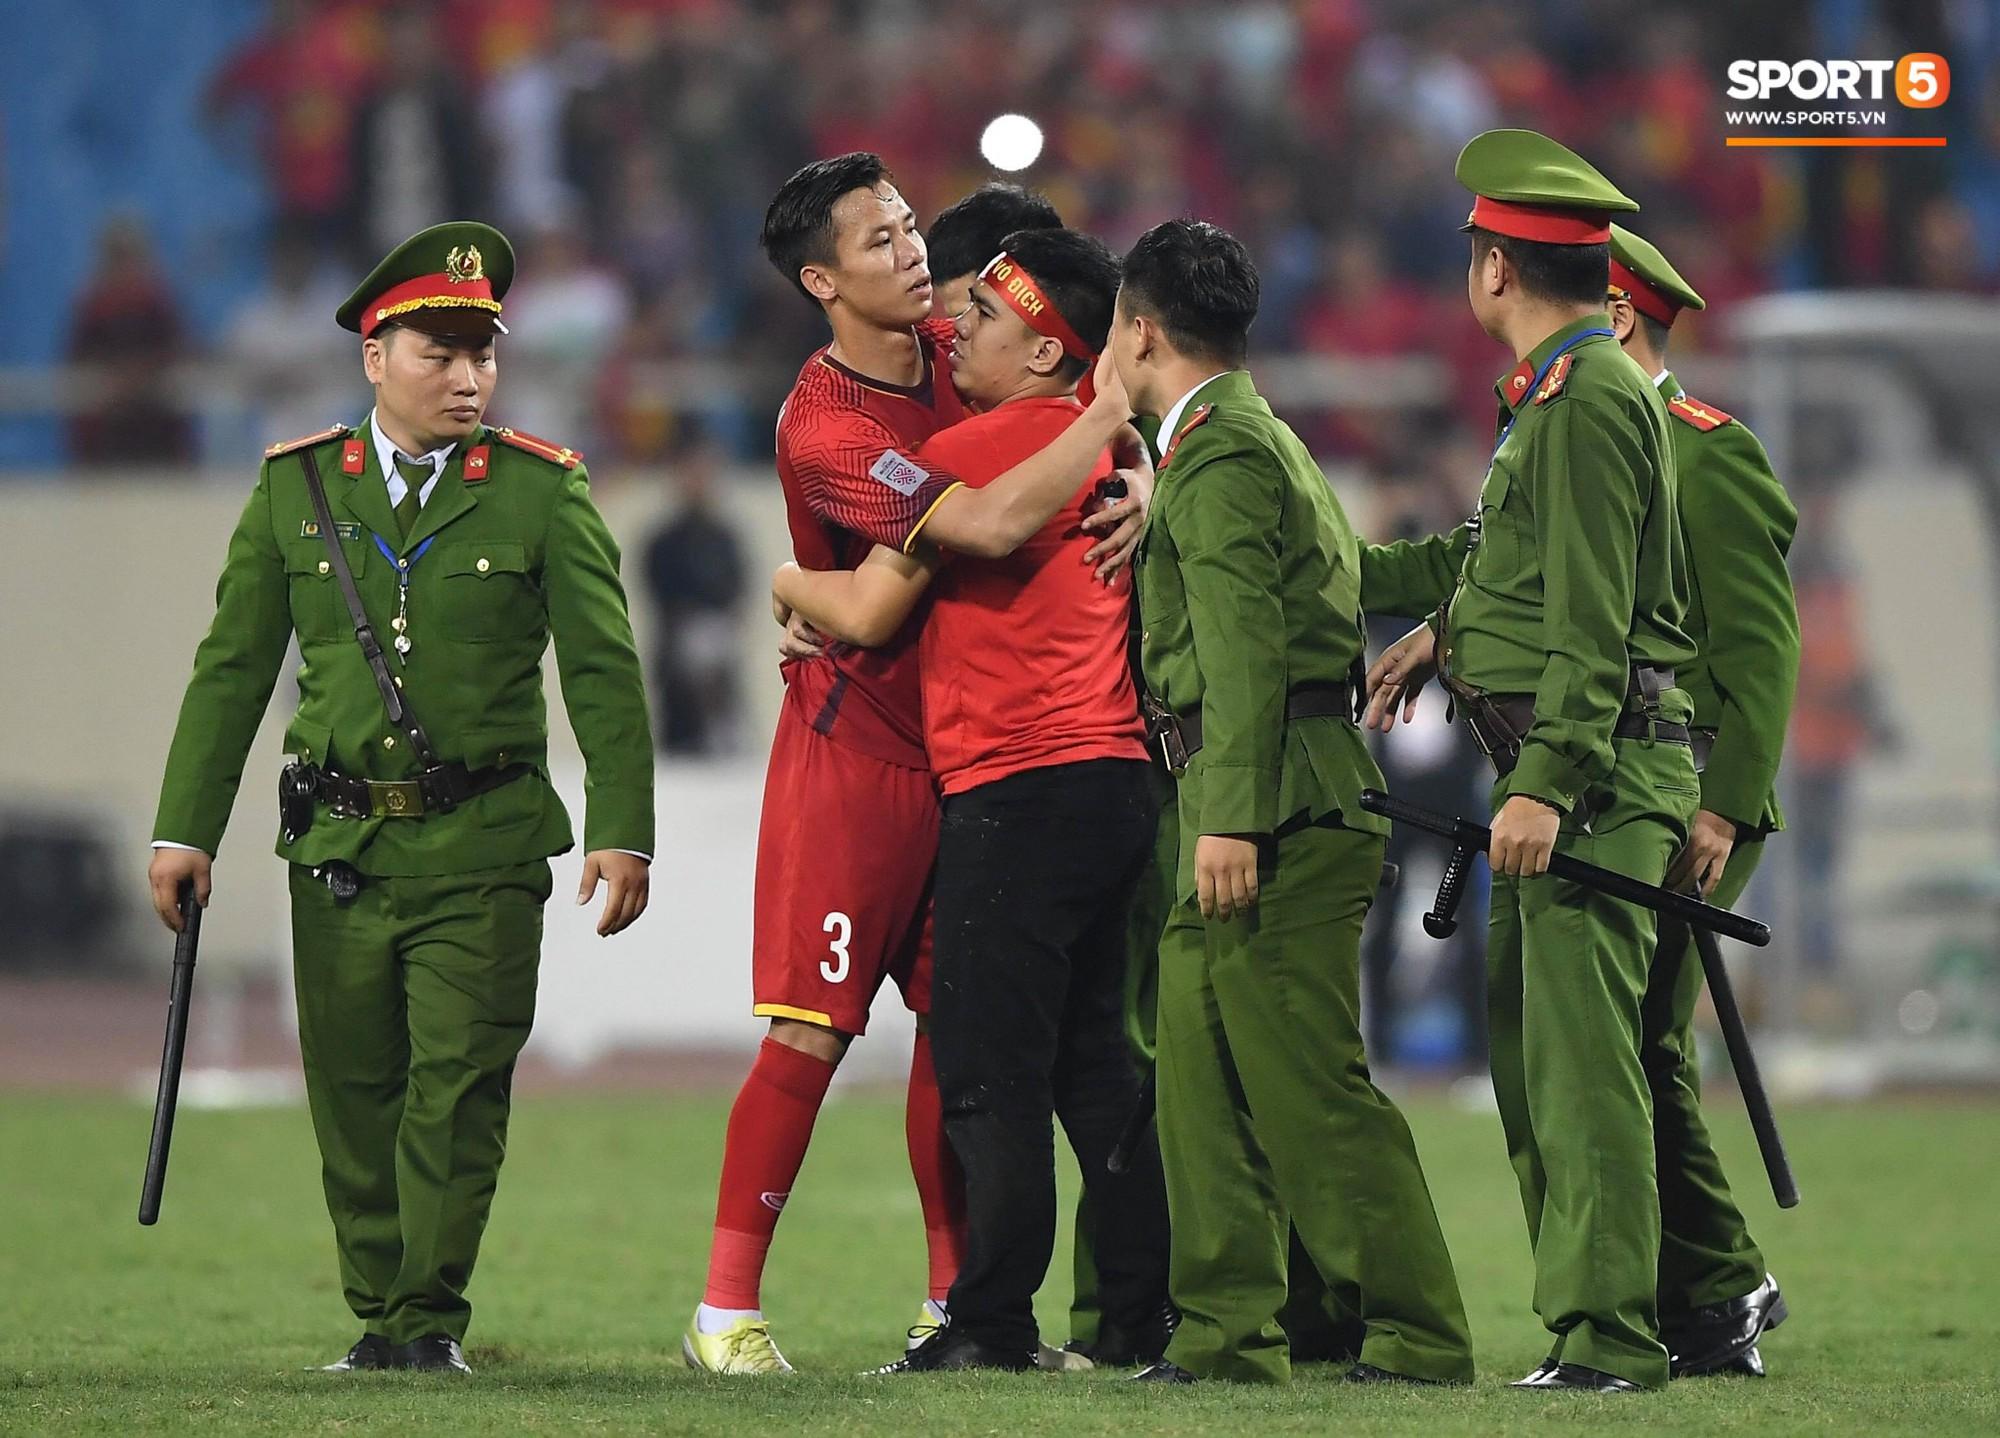 Vừa yêu vừa cảm phục các cầu thủ Việt Nam vì loạt khoảnh khắc giản dị nhưng rất ấm áp - Ảnh 19.